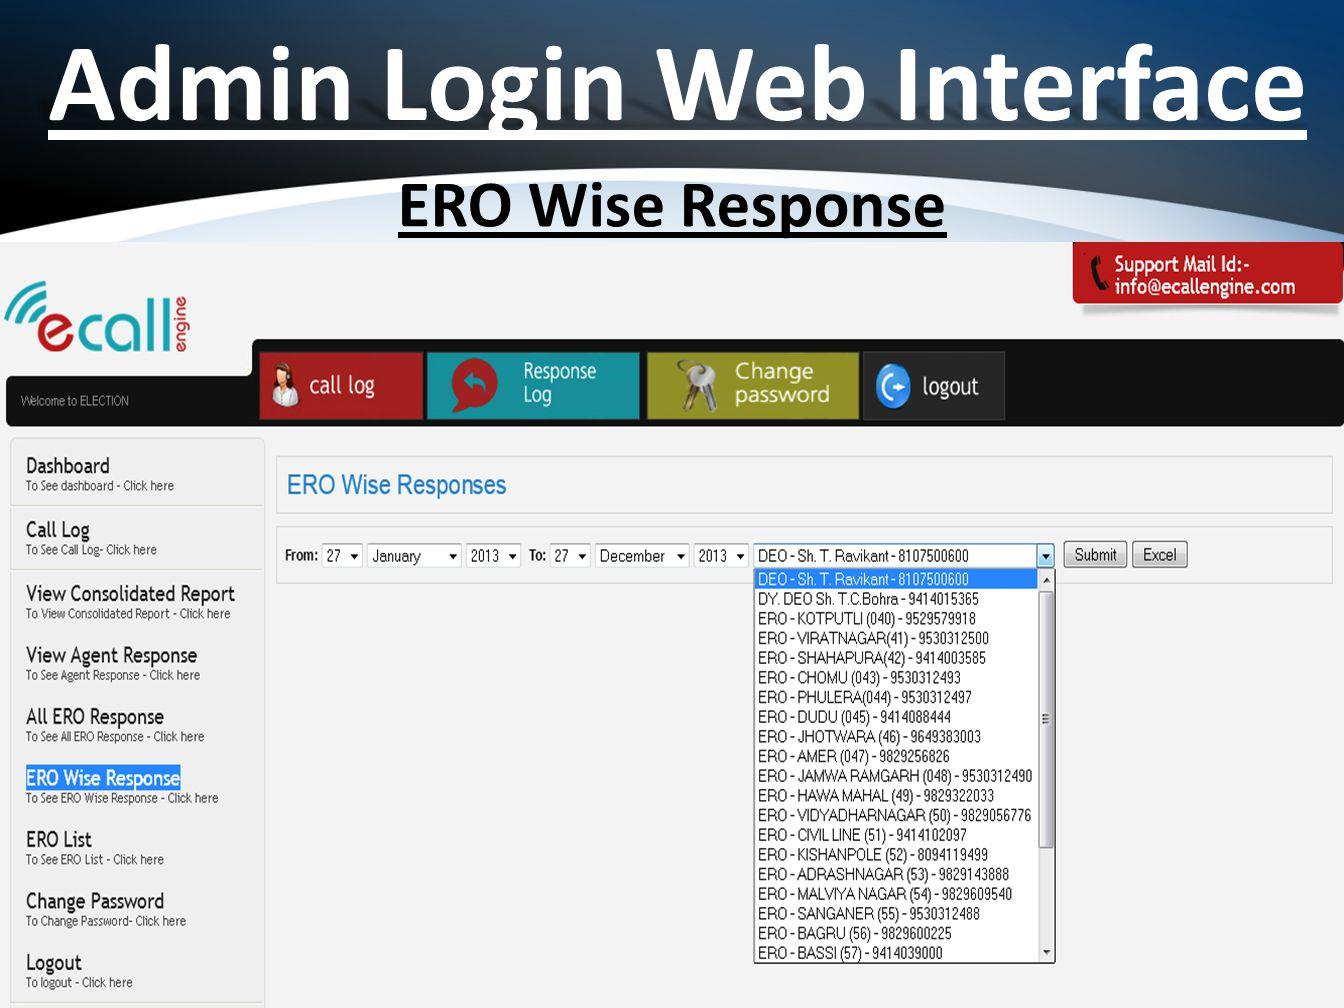 Admin Login Web Interface ERO Wise Response